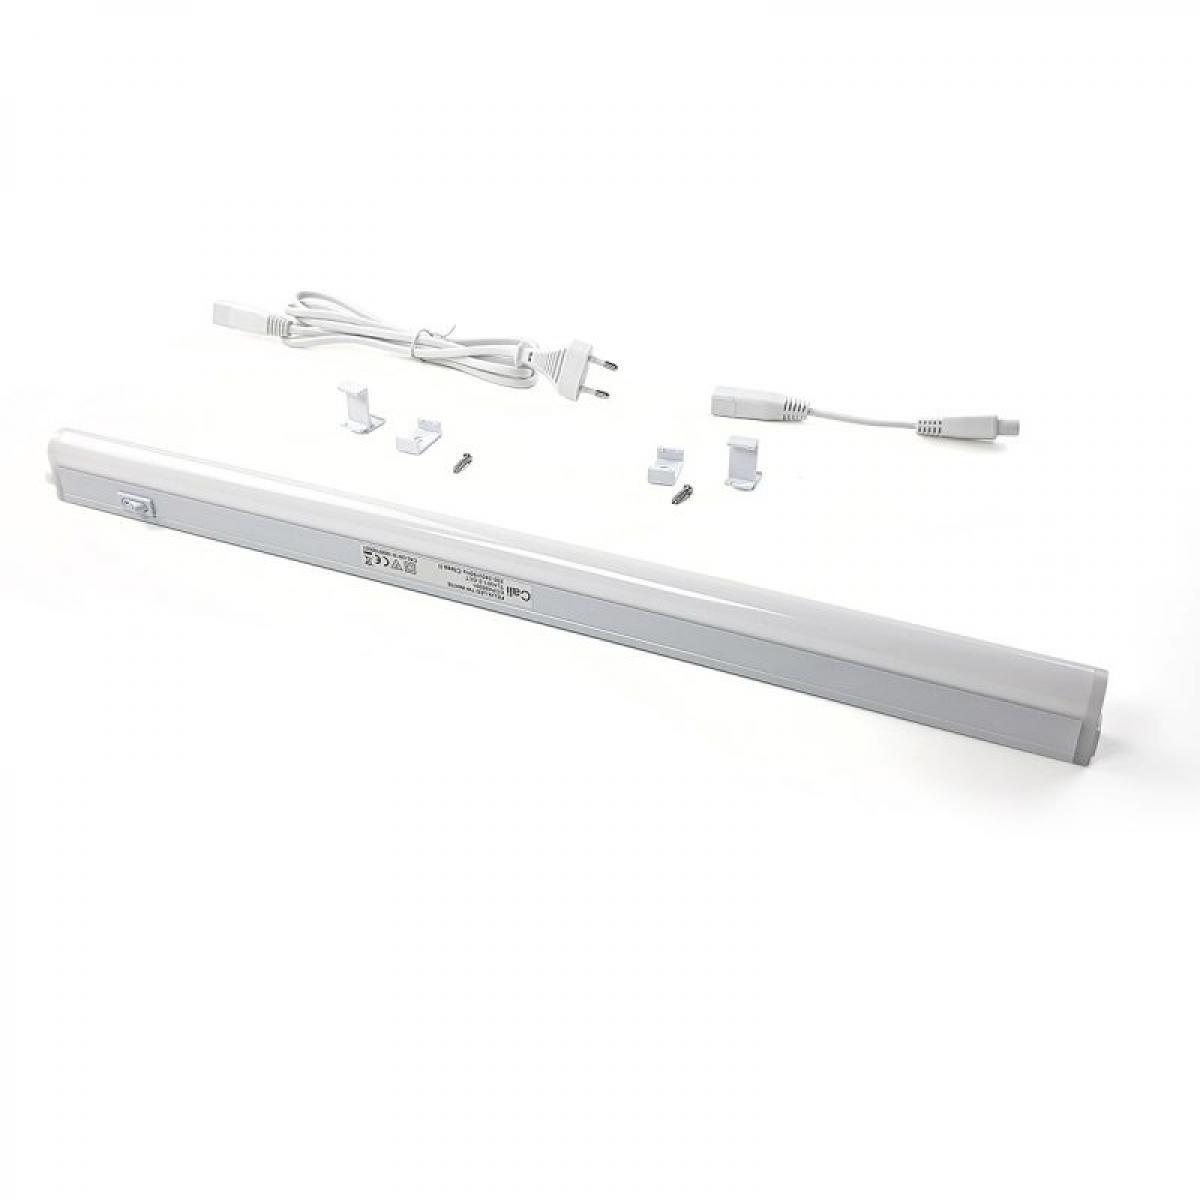 Paris Prix Réglette LED pour Séjour Felix 28cm Blanc